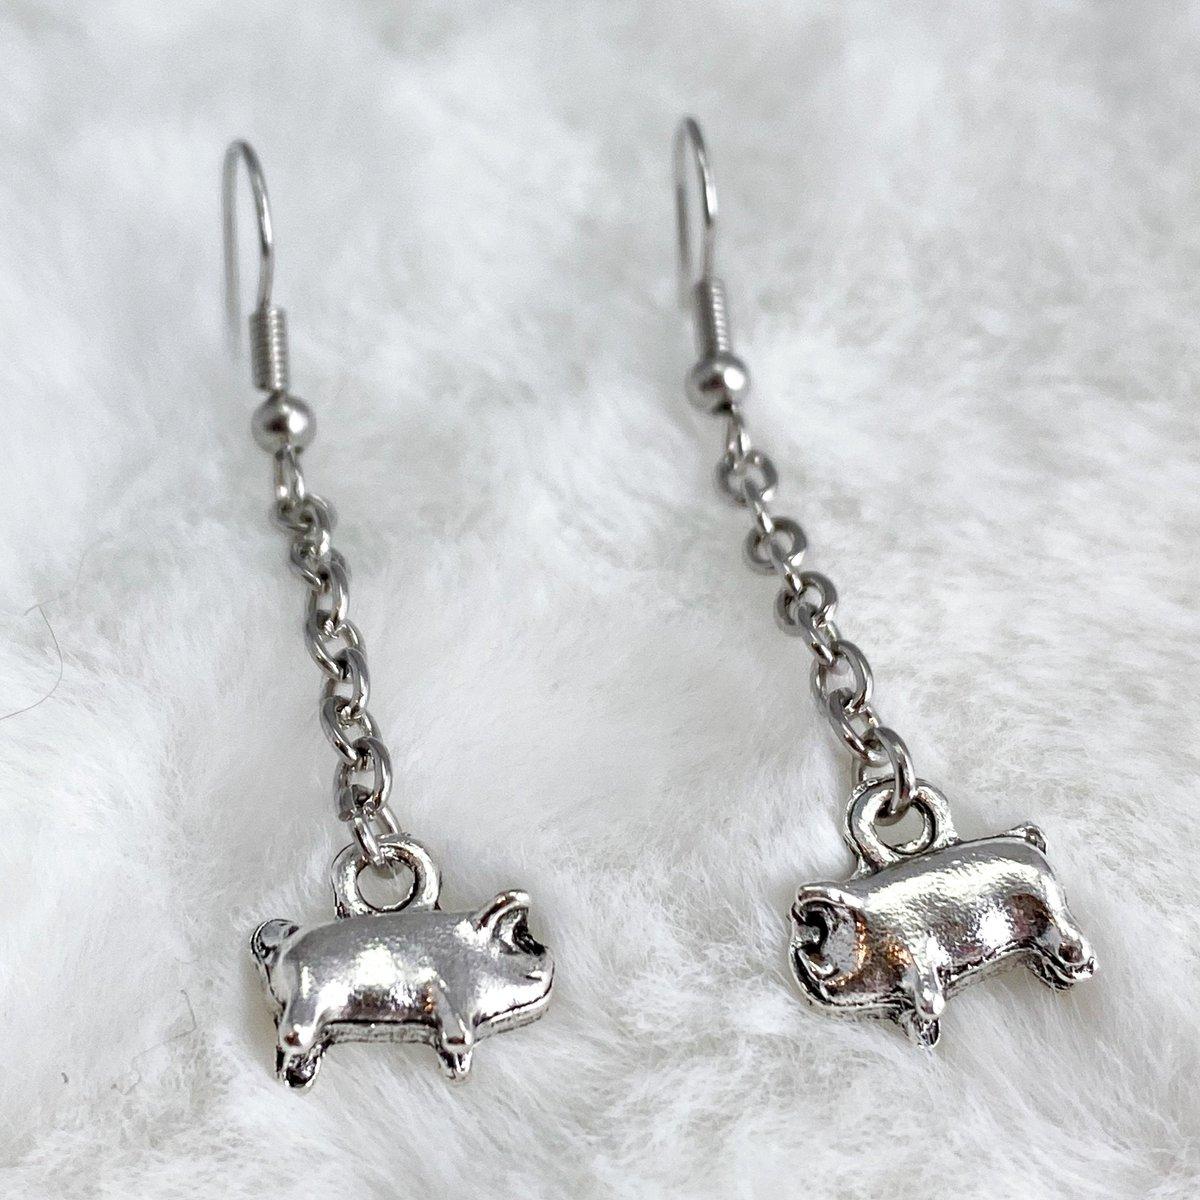 #RT @monalaina: Pig Earrings, Piglet Earrings, Mini Pig Jewelry, Gift for Animal Lover, Farm Earrings, Animal Jewelry, Silver Animal Earrings, S143  #EtsyJewelry #Jewelry #Handmade #EtsyShop #GiftforHer #SmallBusiness #FreeShippin…